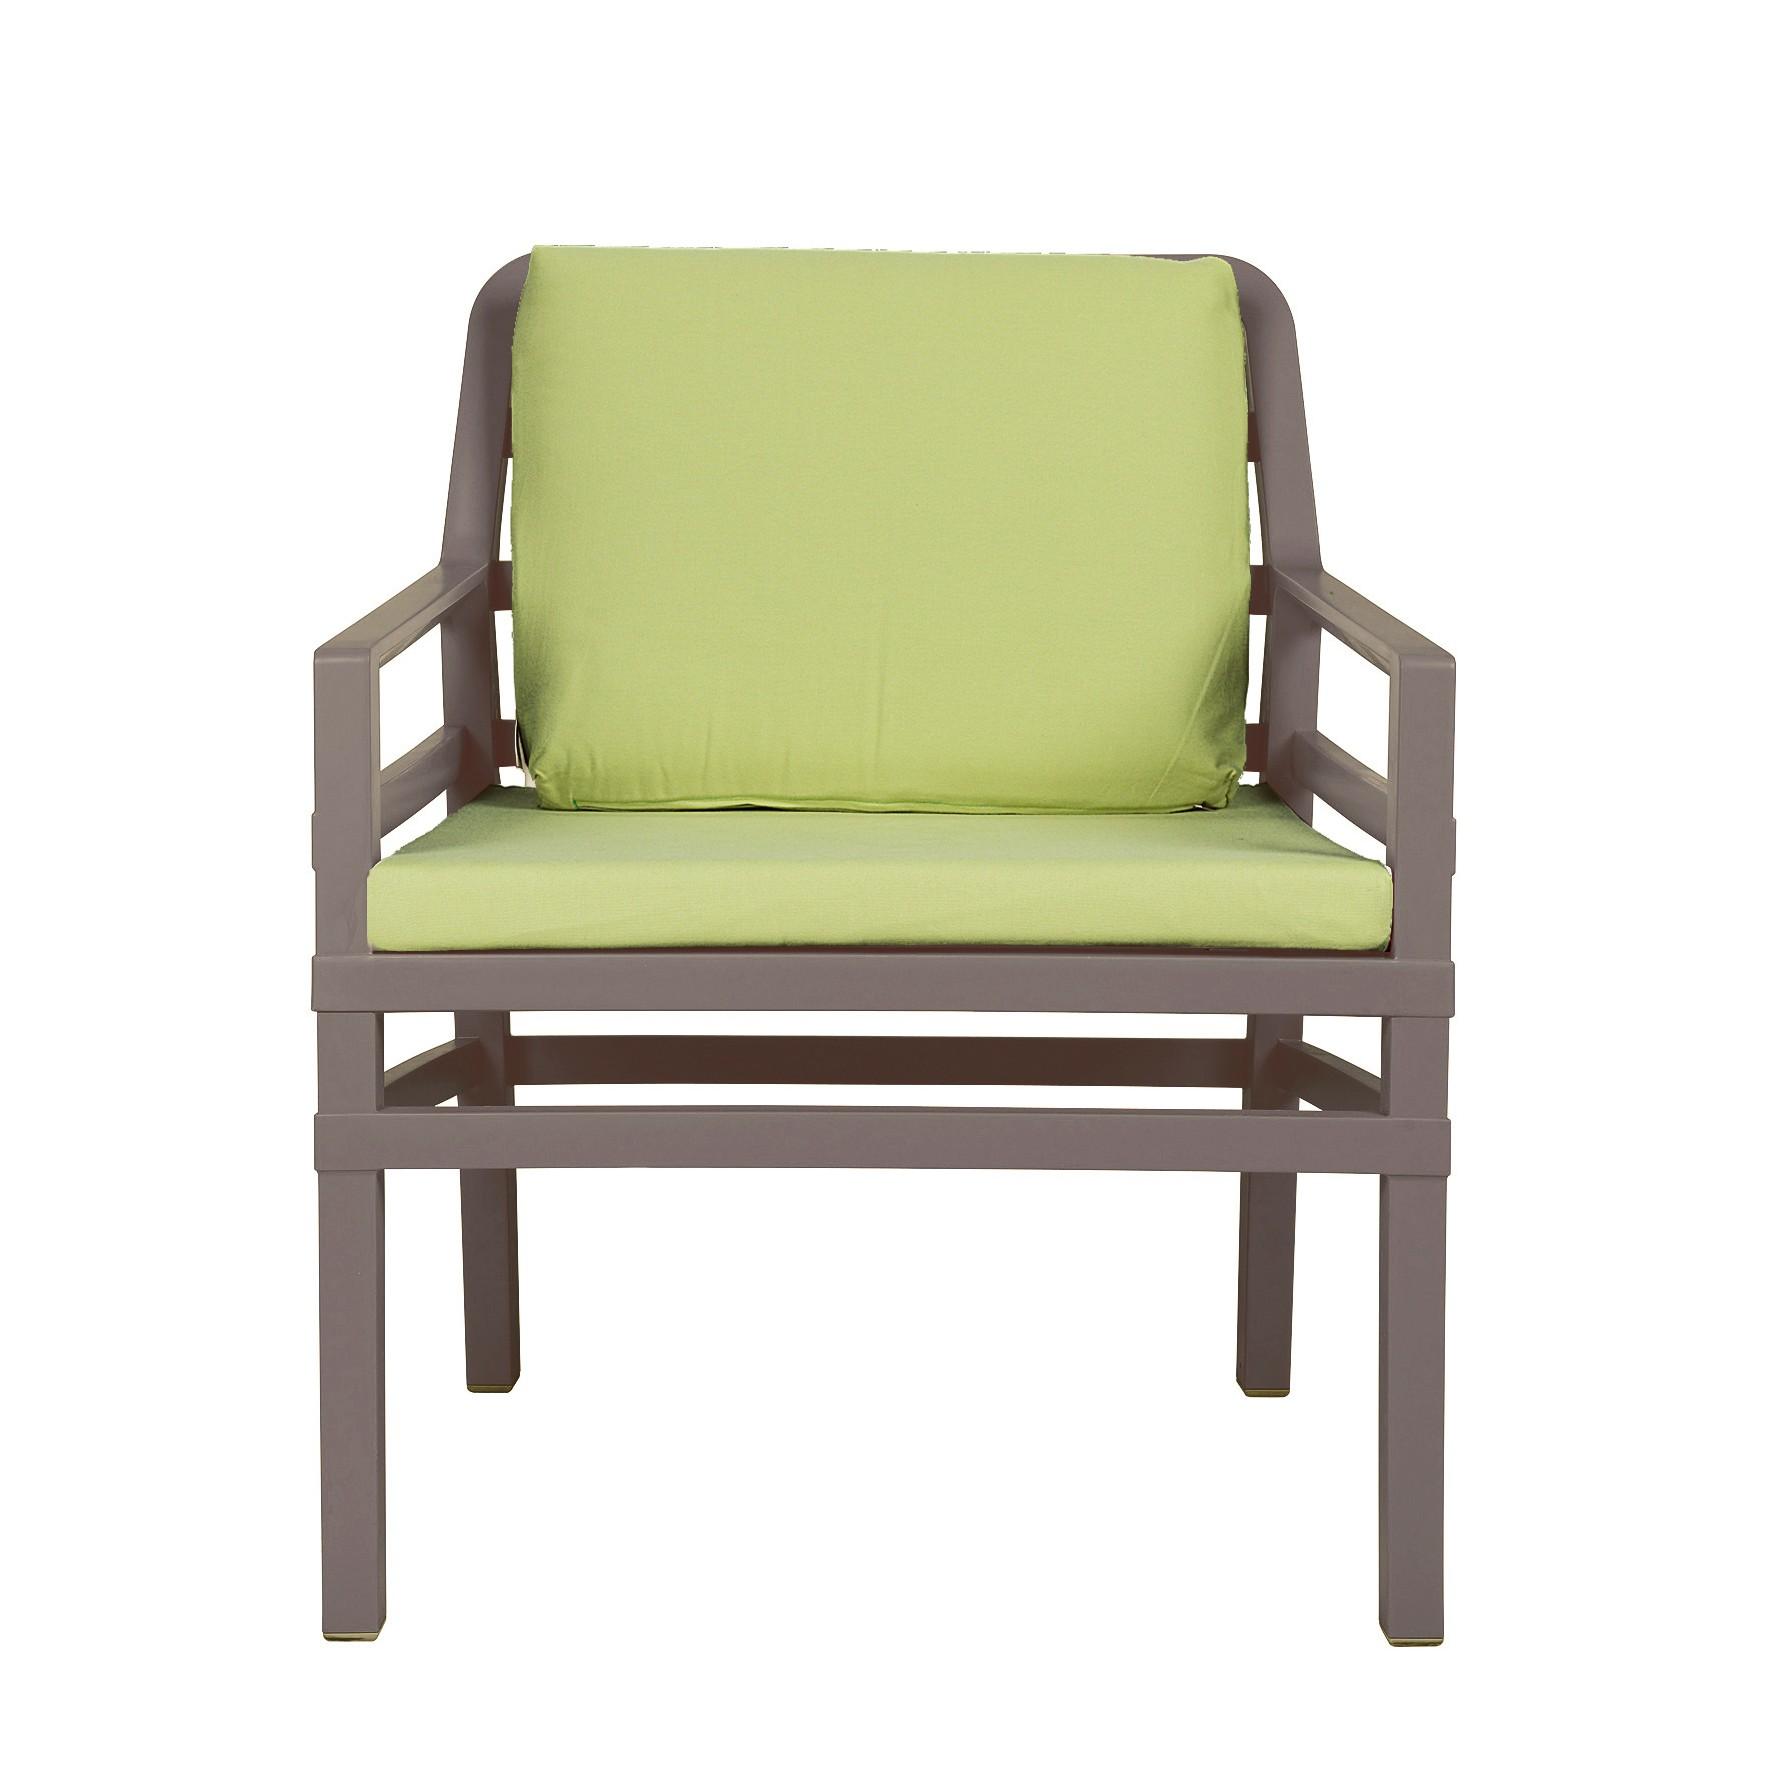 gartensessel sofa lounge aria kunststoff taupe kissen. Black Bedroom Furniture Sets. Home Design Ideas